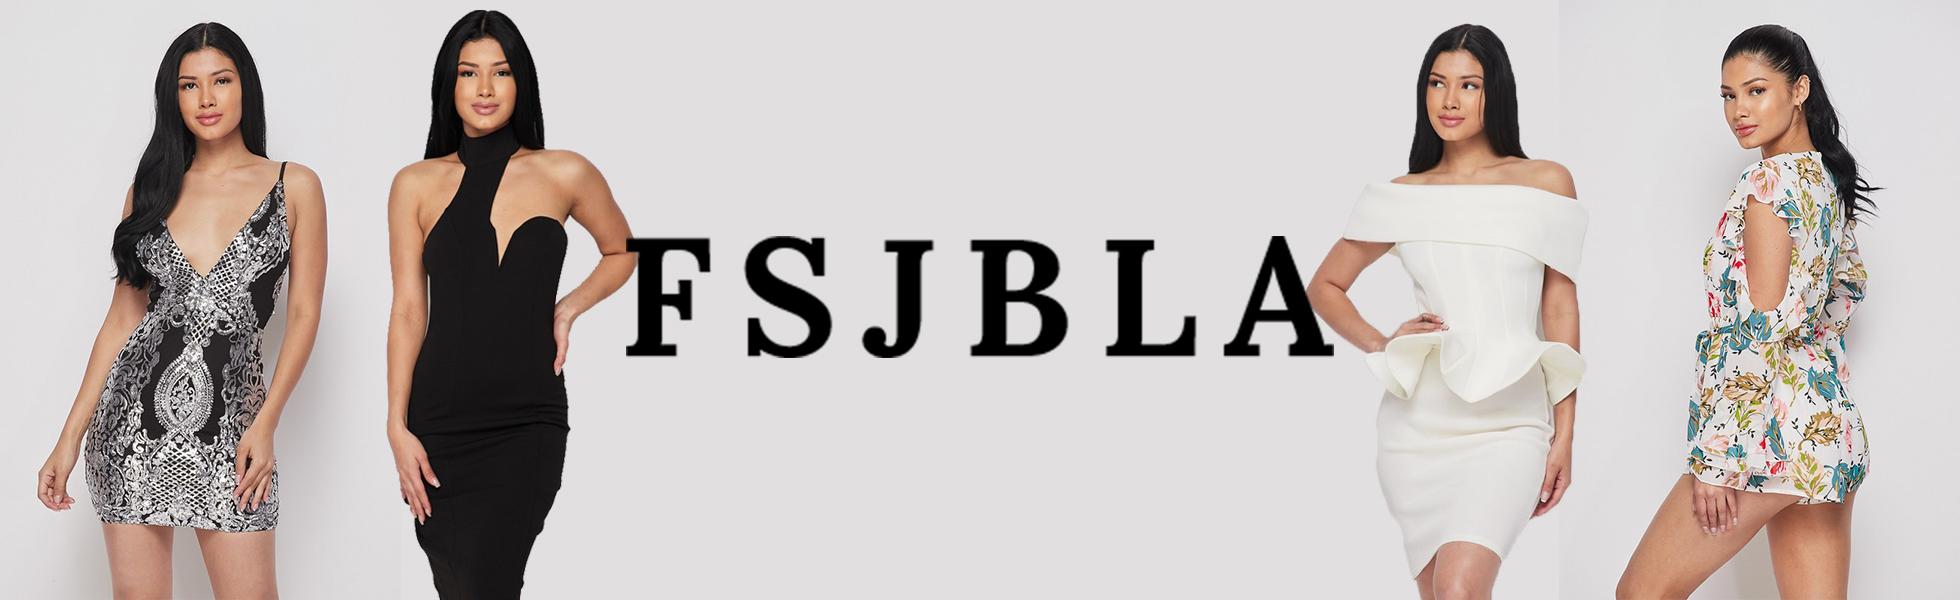 FS JBLA INC